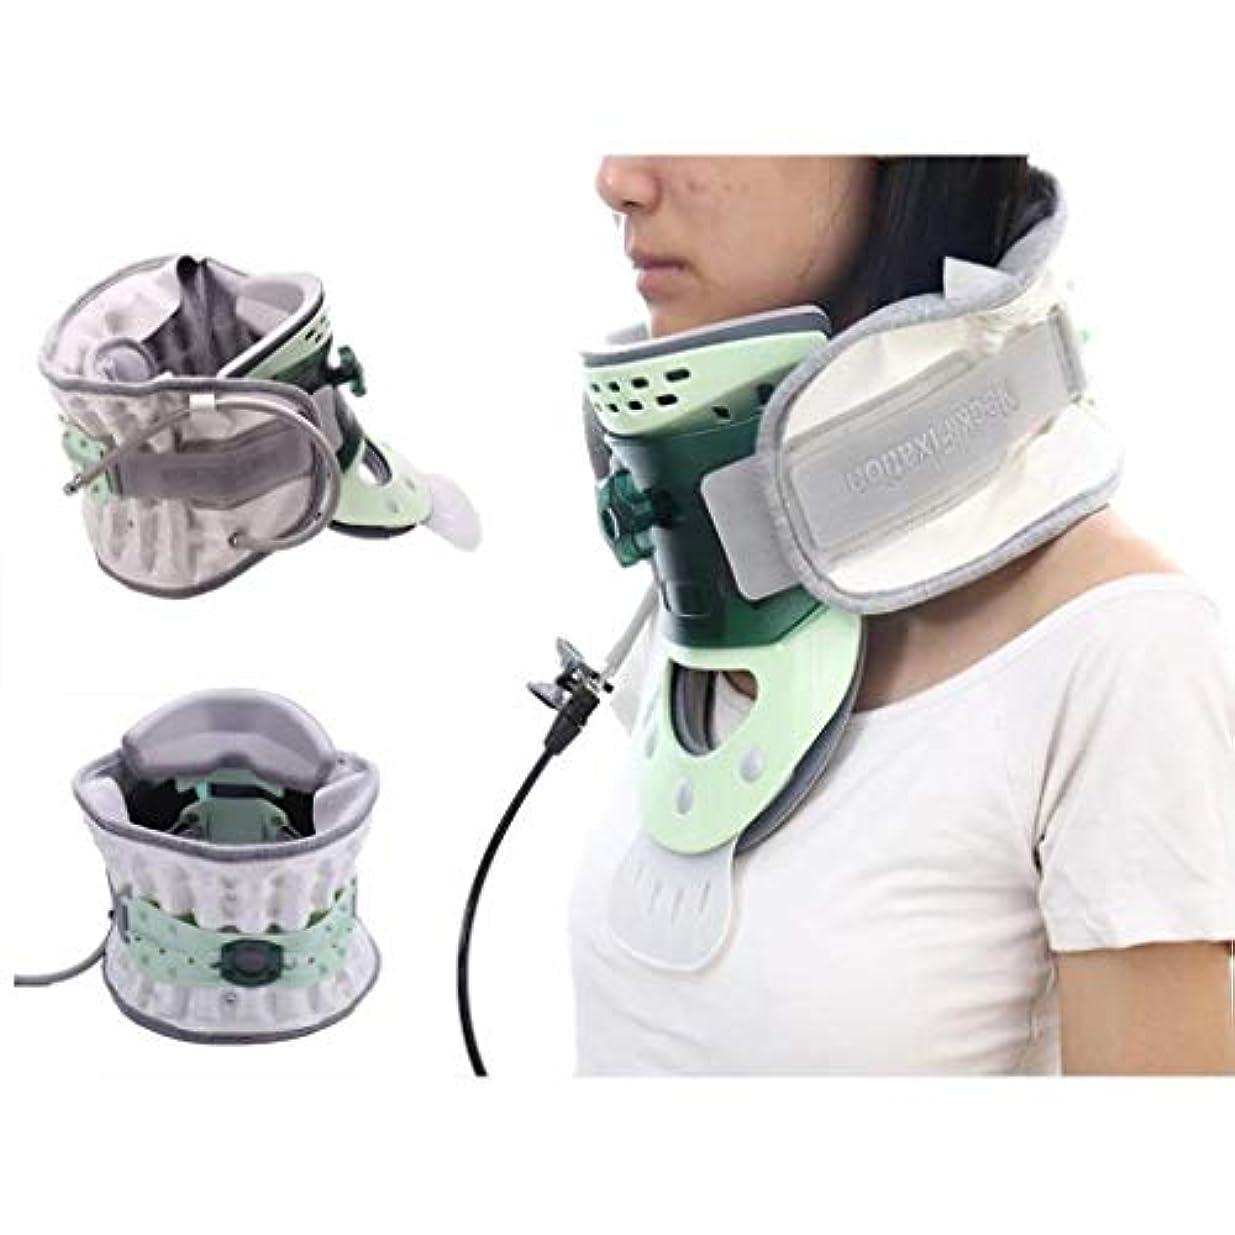 愛服を着る出発首の痛みや頸椎症の人に適したインフレータブル頸椎トラクター、首牽引装置、家の保護頸椎矯正器具